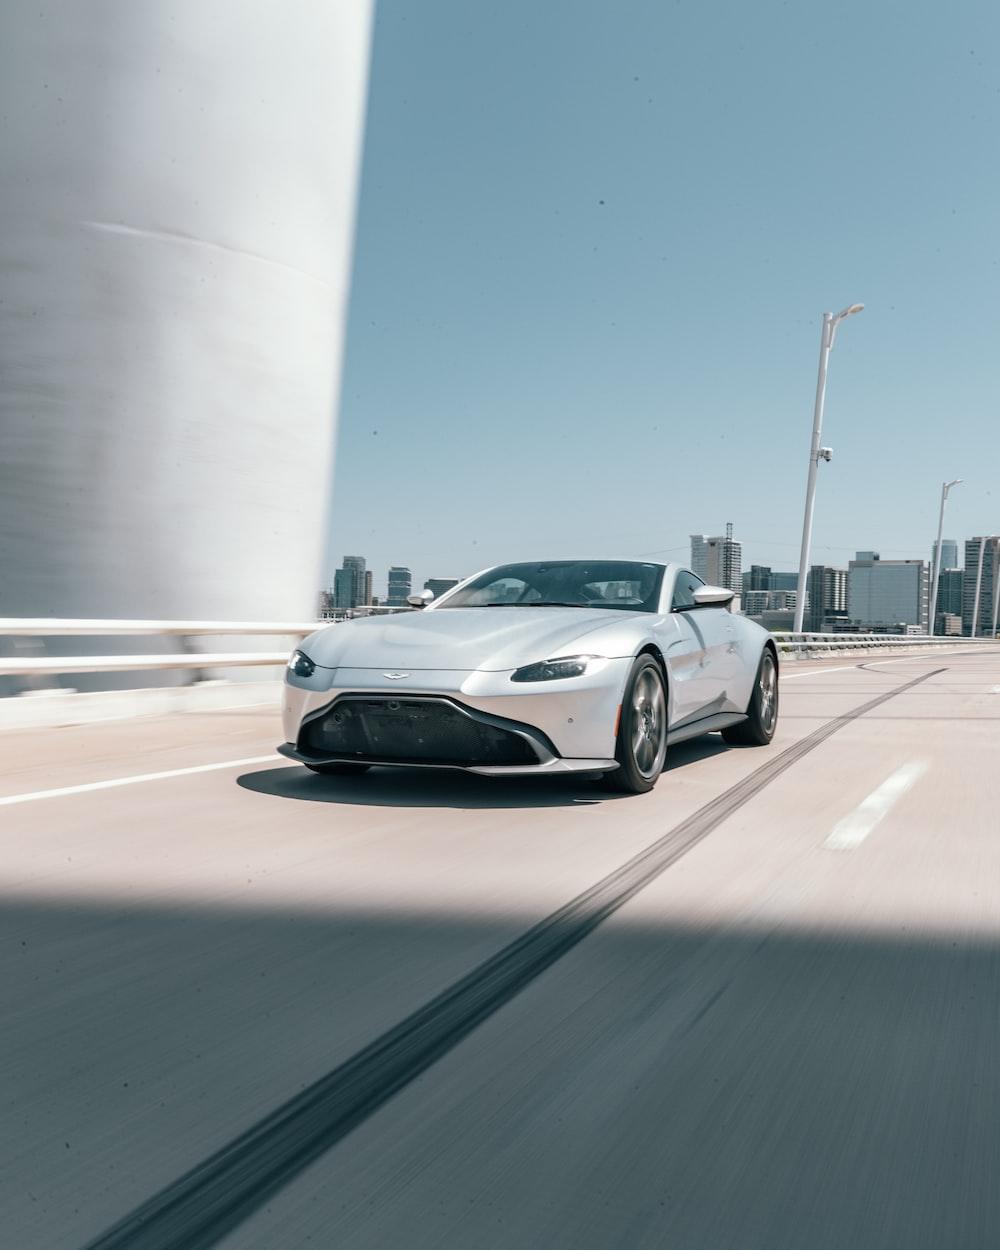 silver Aston Martin coupe runnin on road